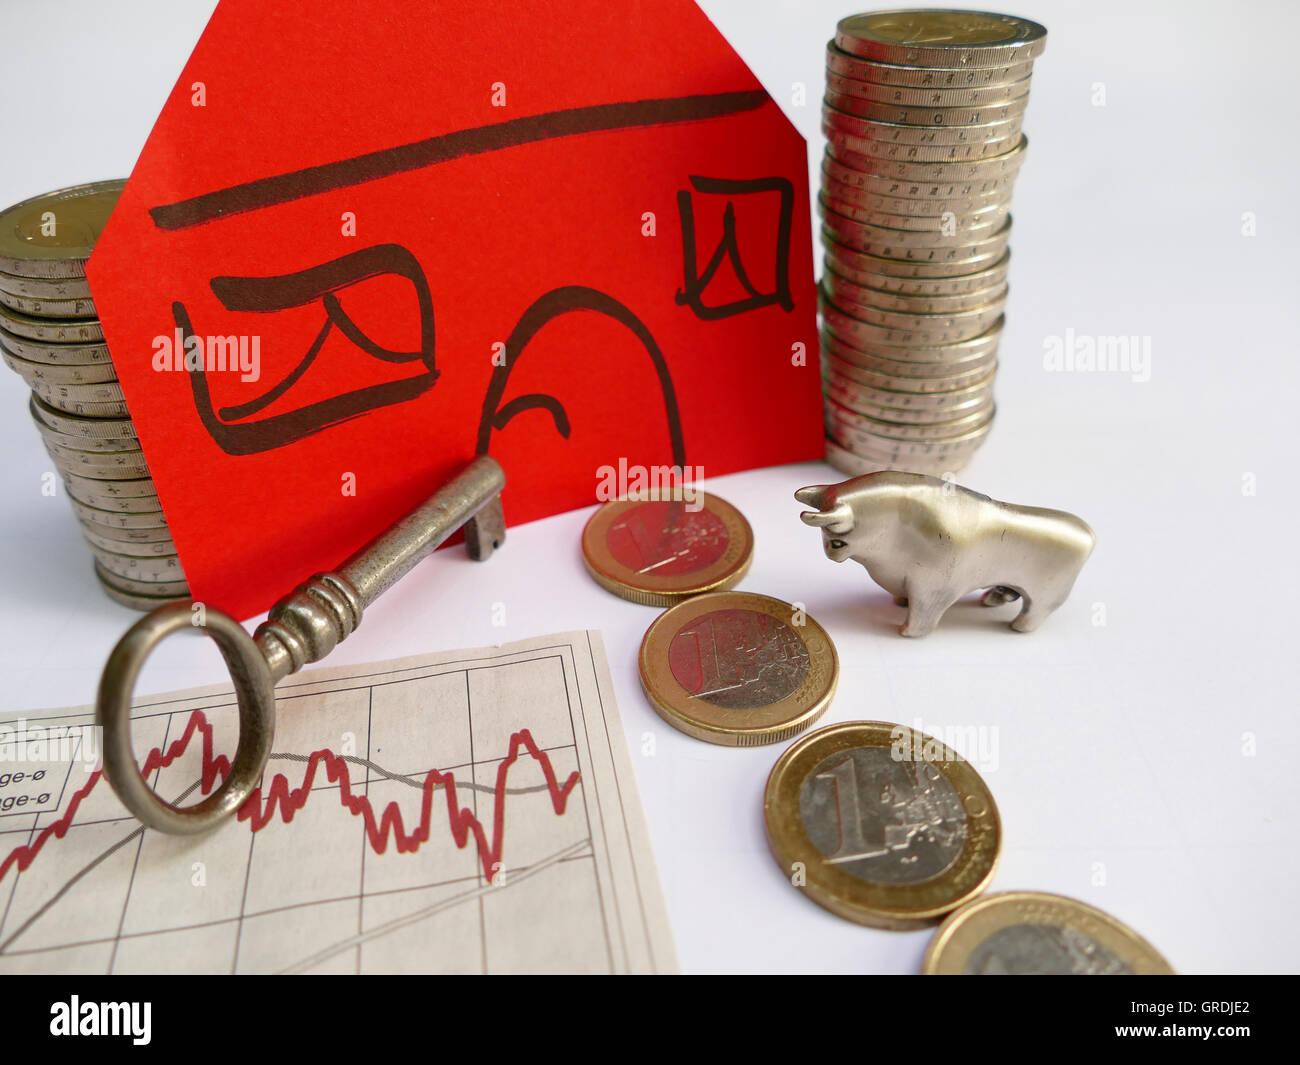 Symbol Foto ein Haus zu kaufen, hier Haus Finanzierung mit Aktie Ergebnis Stockbild